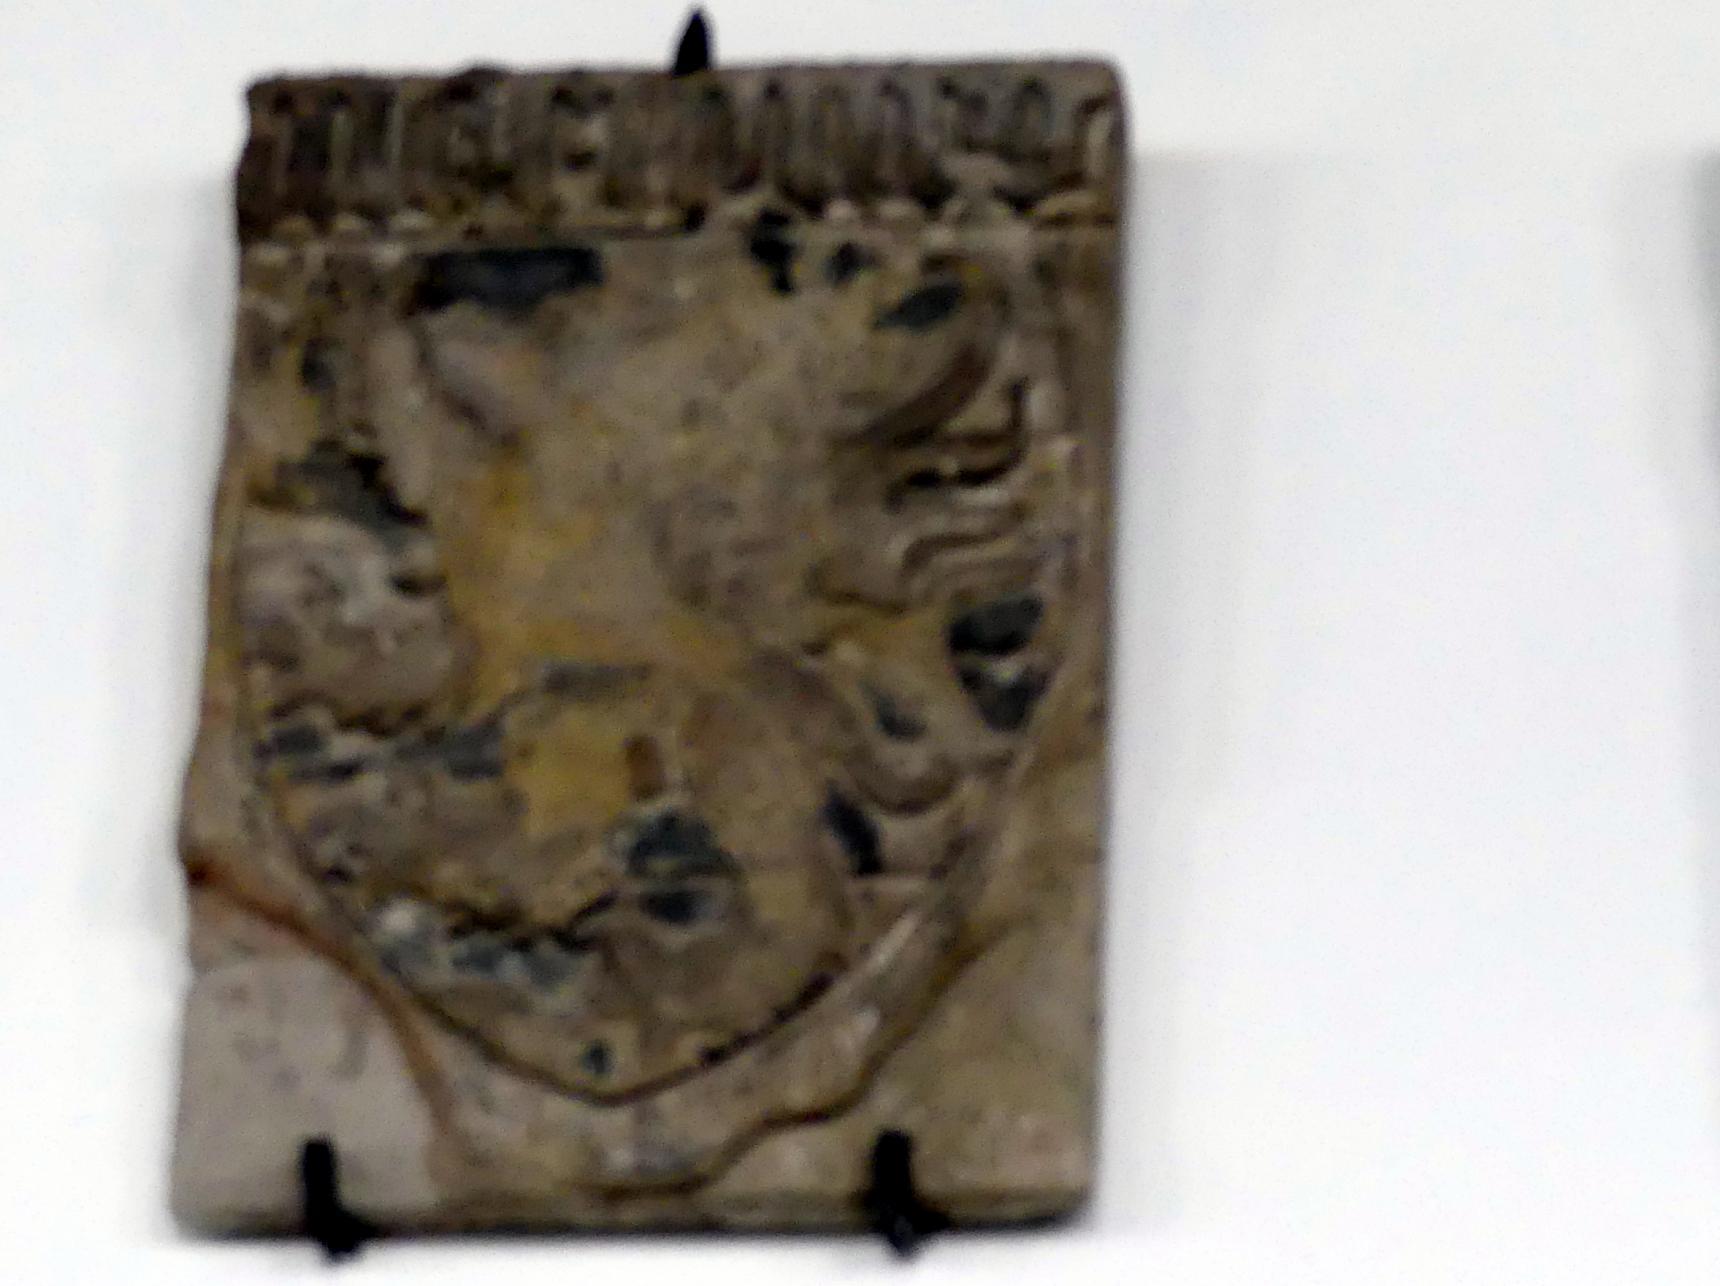 Wappen des Luxemburger Löwen, 2. Hälfte 14. Jhd.